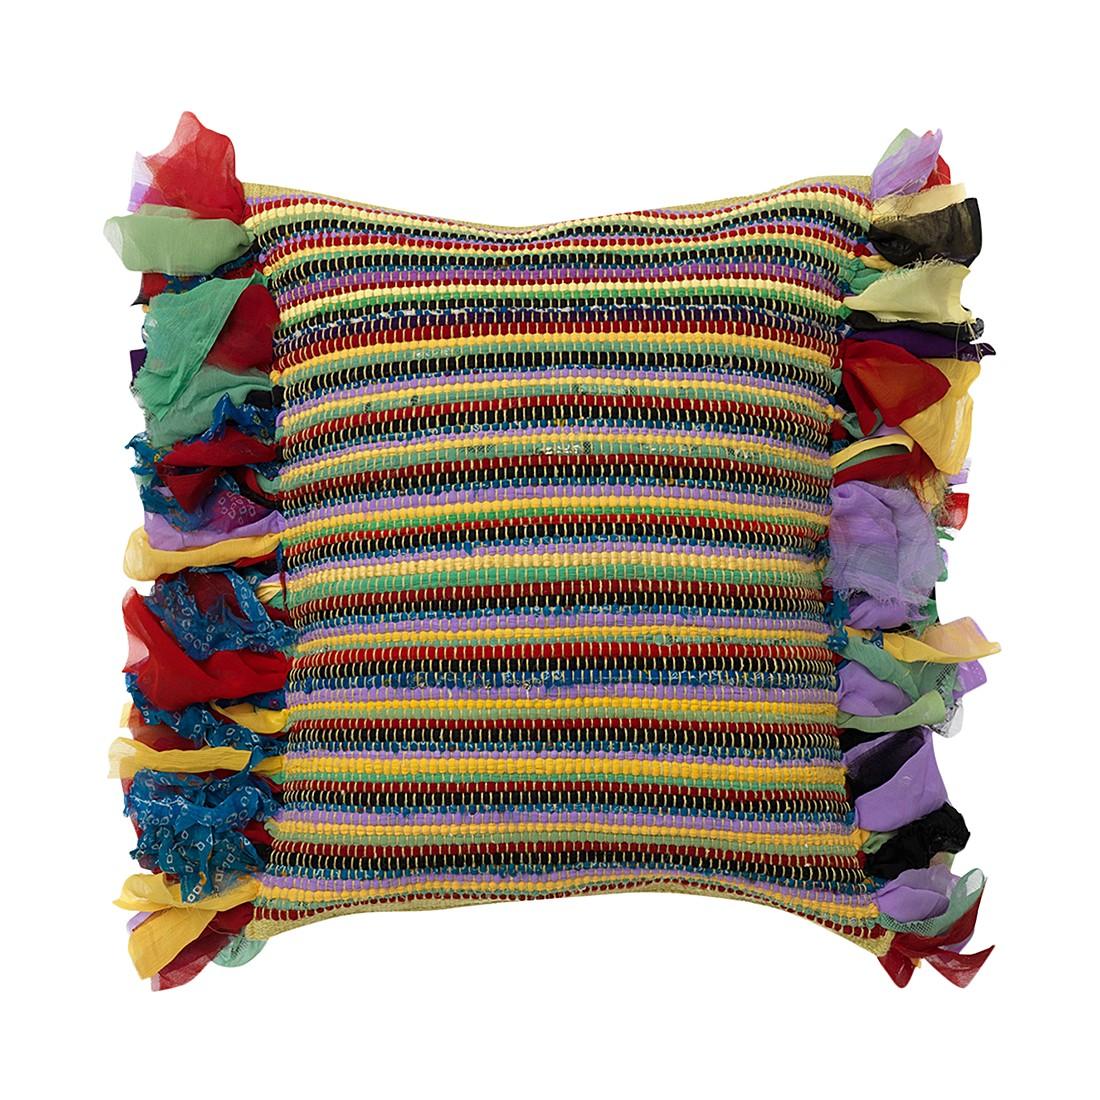 Kissen Manaia – 45 X 45 cm, Multi, Polyester / Baumwolle – Kissenhülle, ohne Füllung, Dutch Decor günstig bestellen